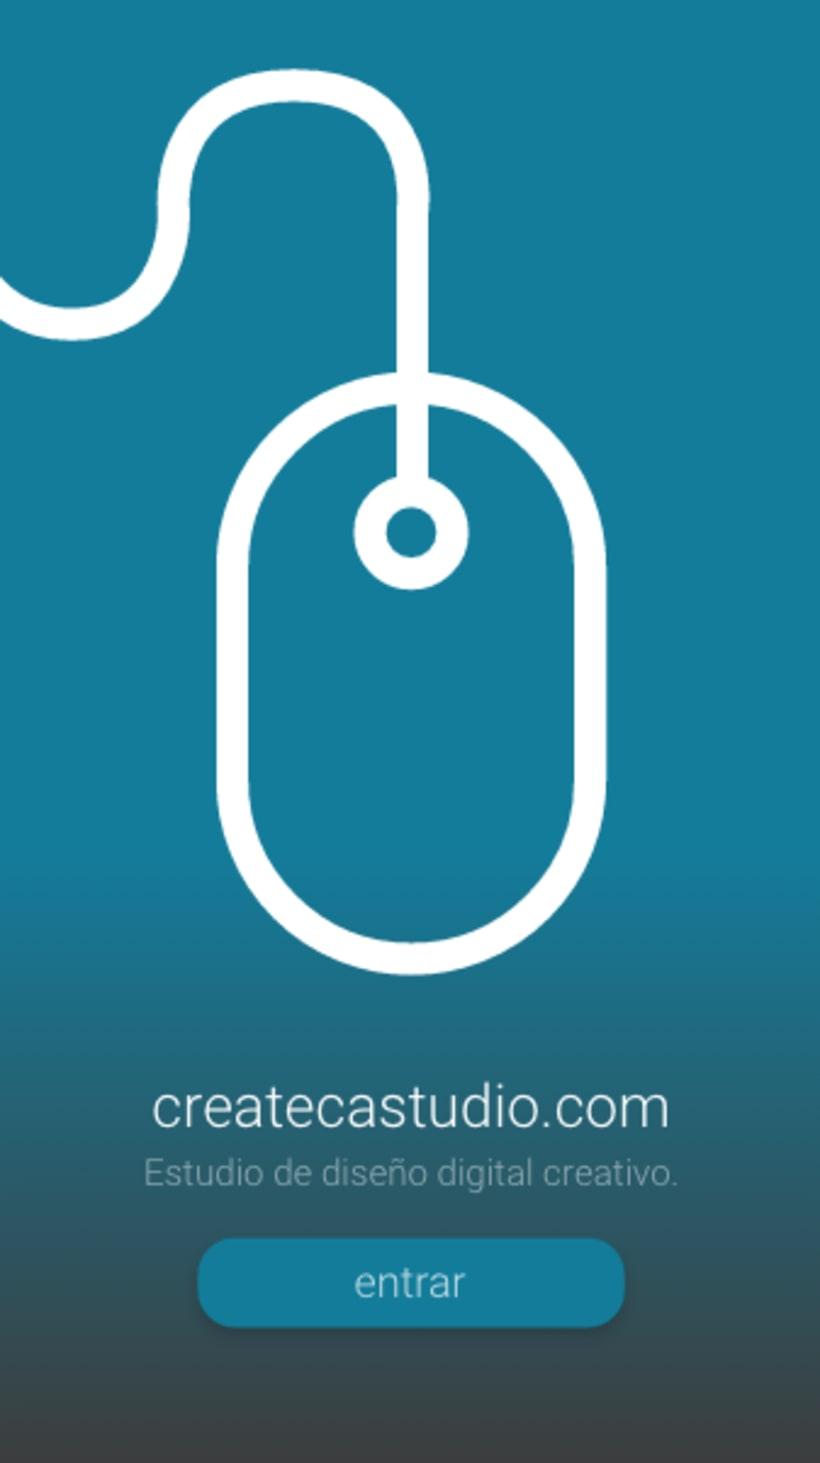 Diseño UX para Apps 0